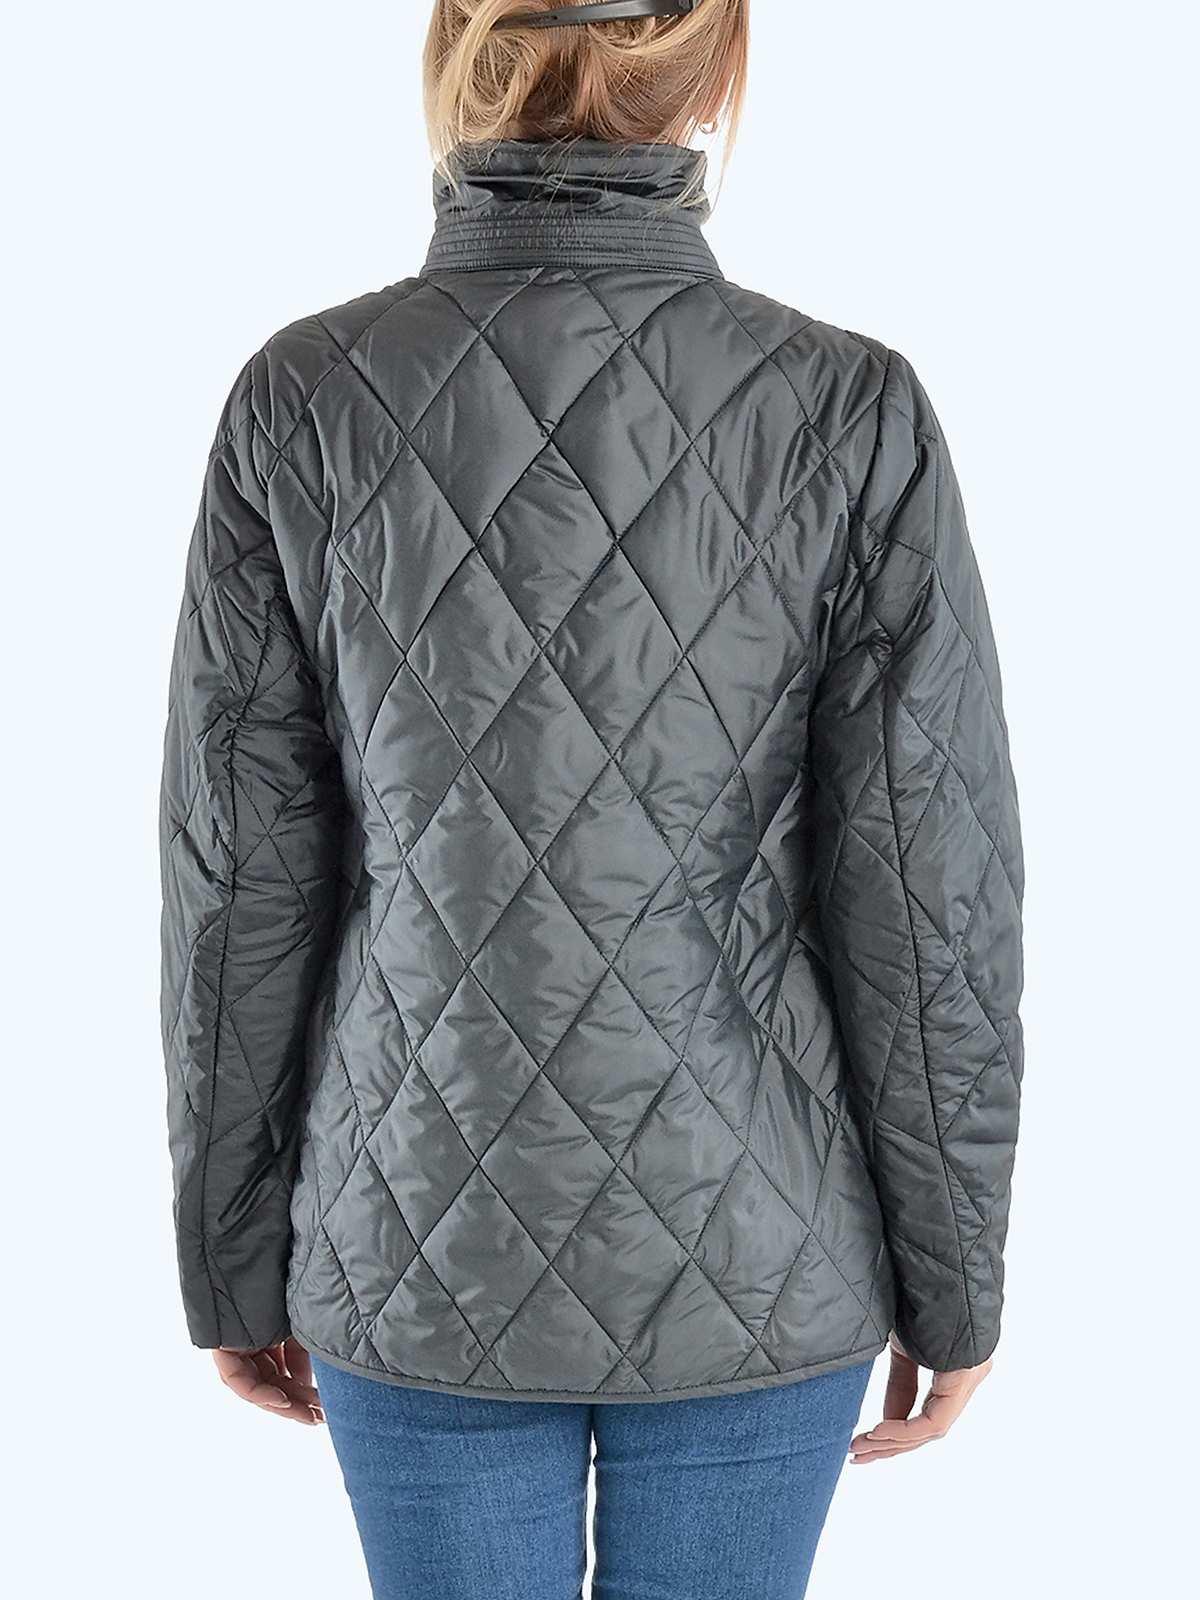 NAPOLI Куртка 373066-030